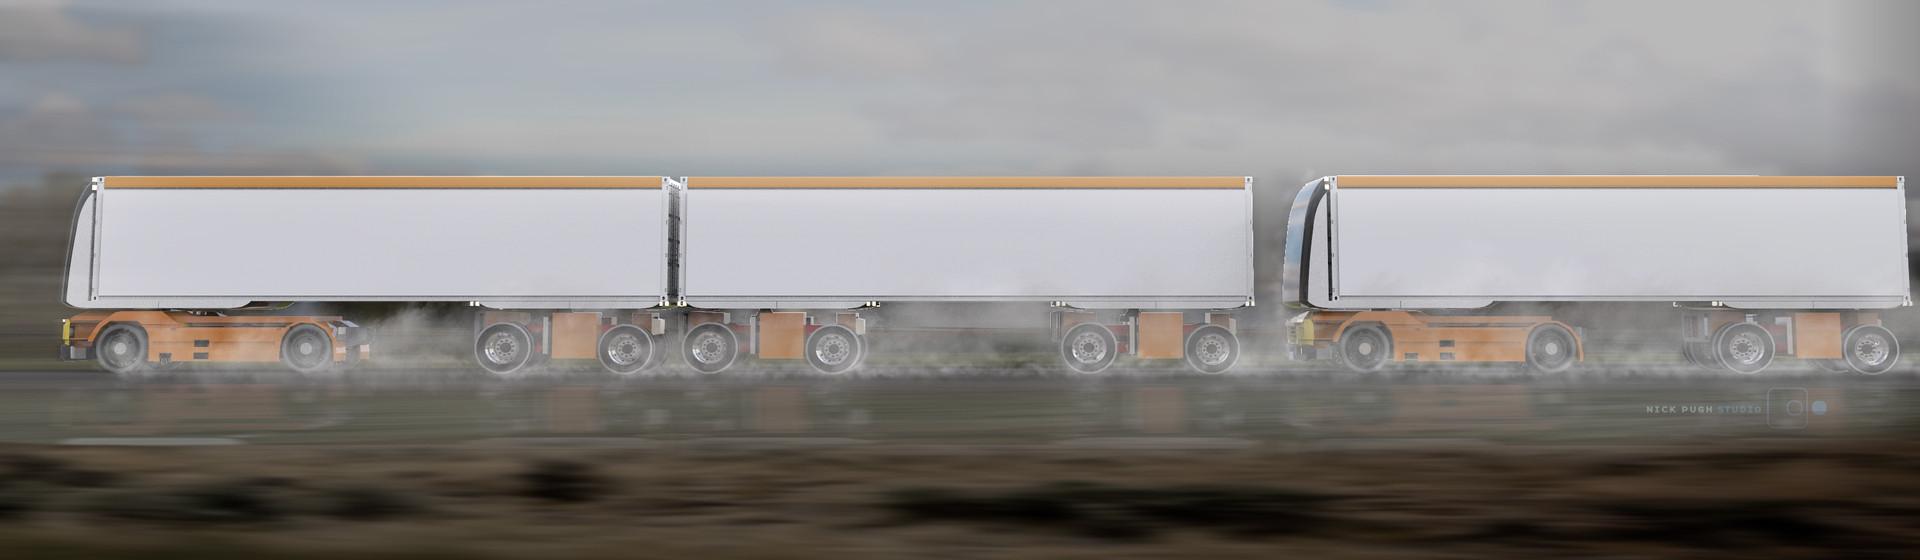 roadTrain.6.jpg